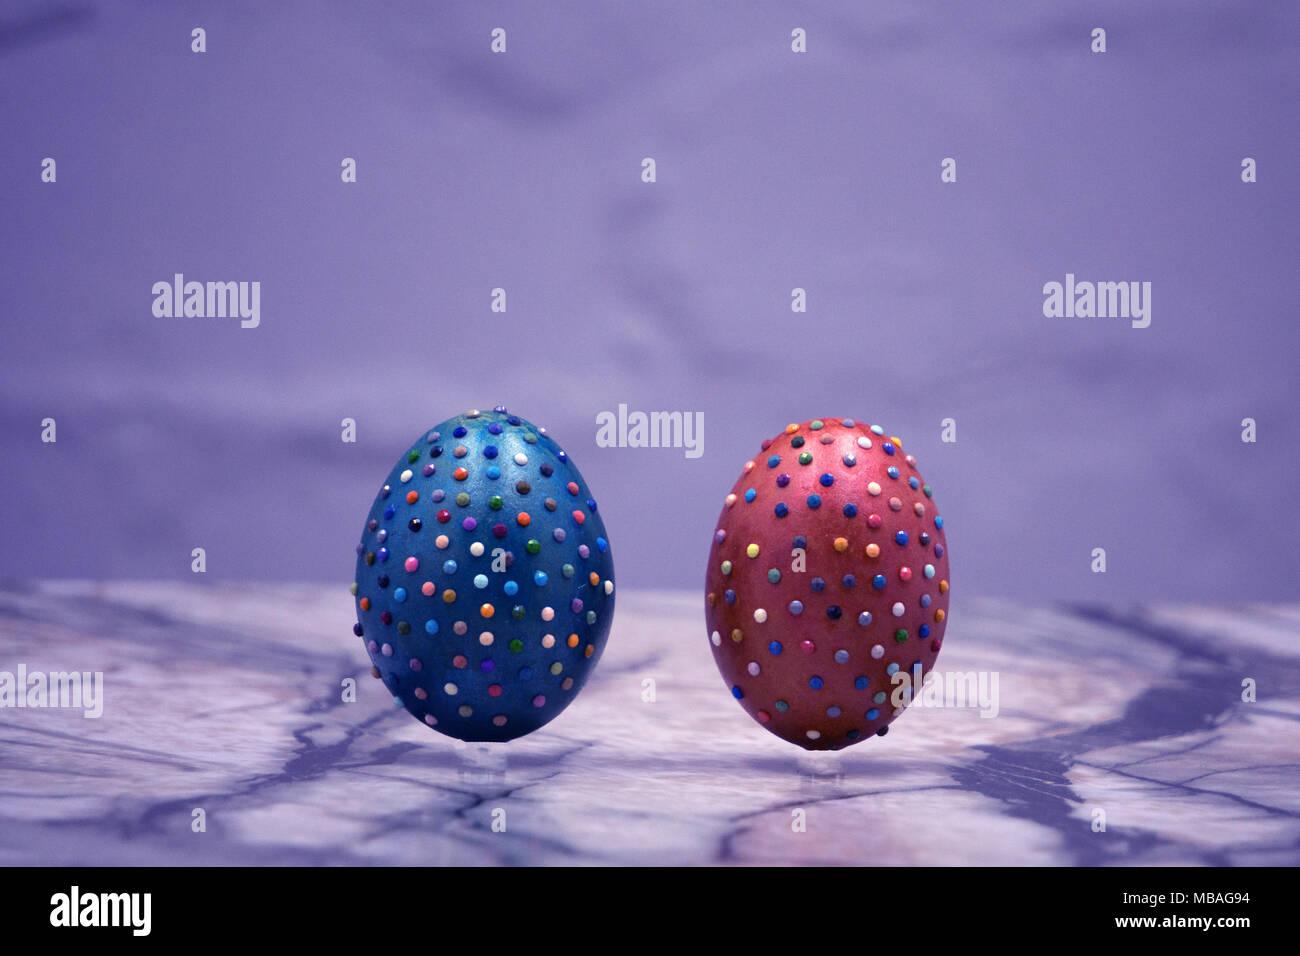 Artesanía aficiones vacaciones de Pascua objetos decorativos naranja Imagen De Stock